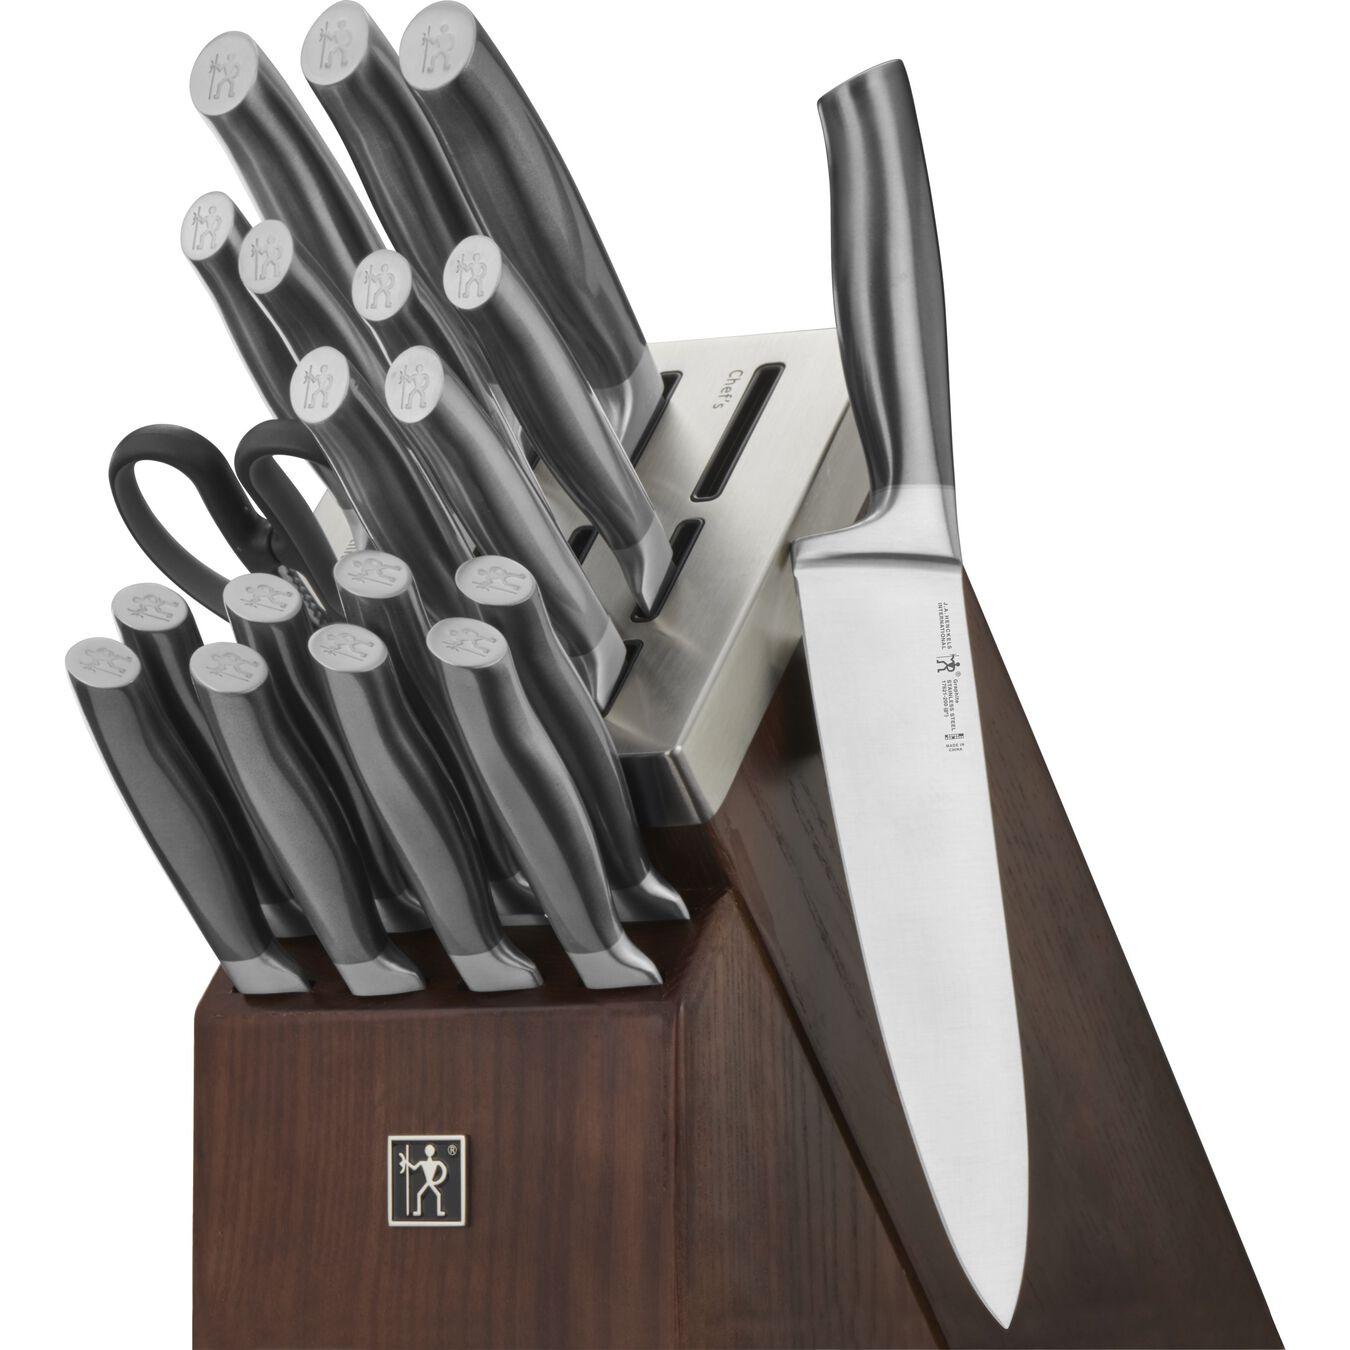 20-pc, Self-Sharpening Knife Block Set,,large 1